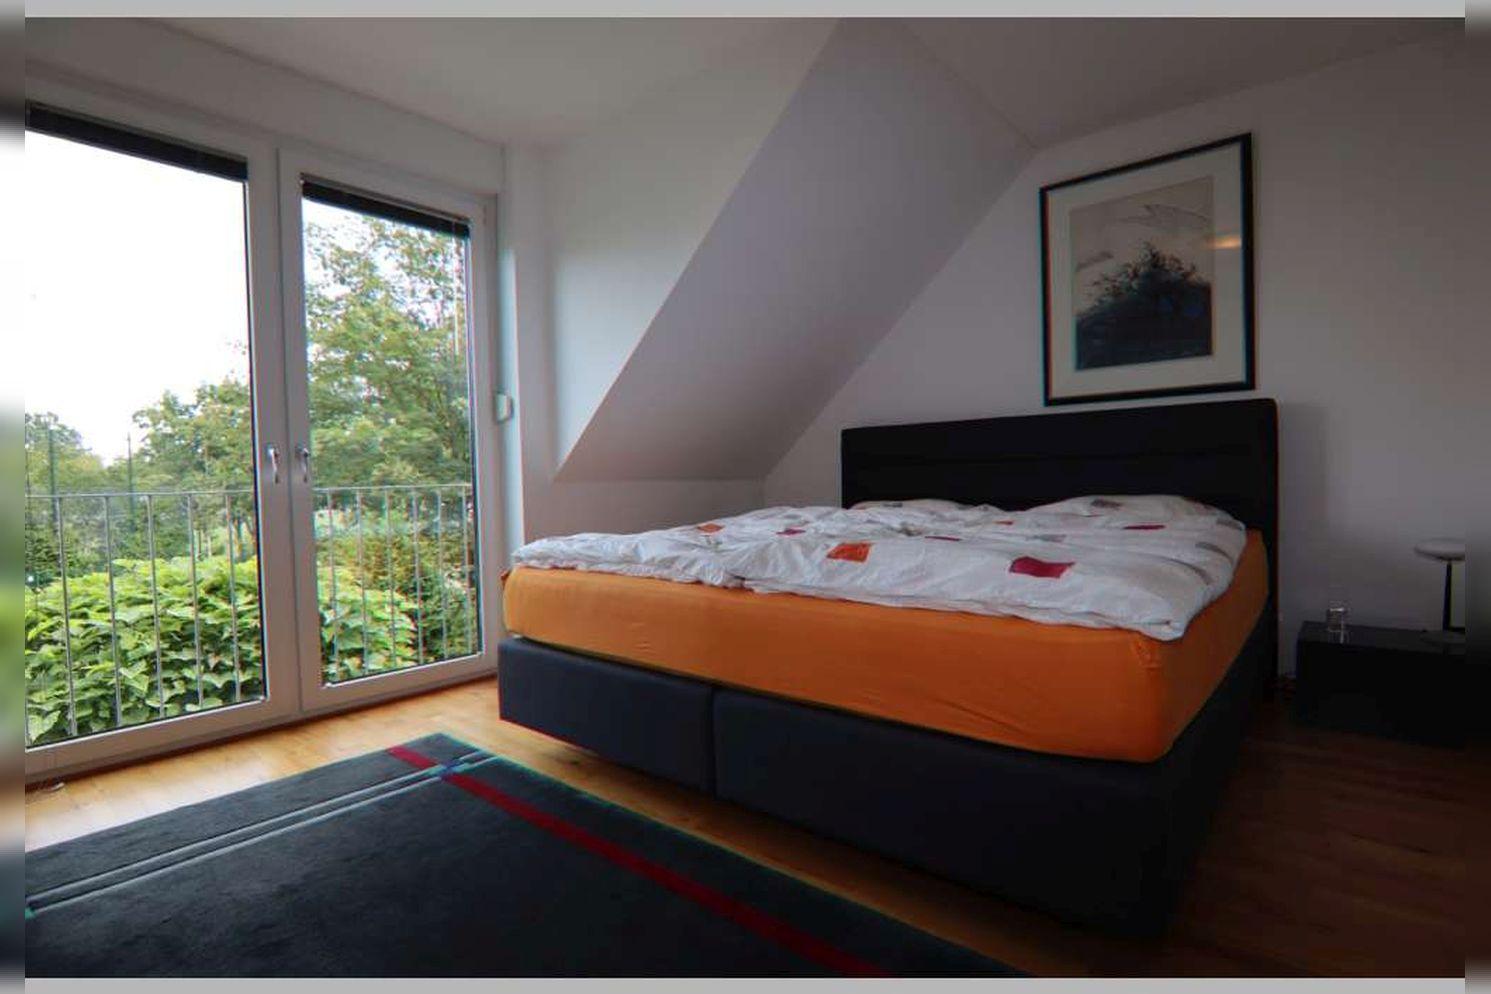 Immobilie Nr.0267 - Doppelhaushälfte mit 4 Zimmern, Küche, Diele, Badzimmer, Gäste-WC, Garten und Garage - nicht unterkellert - Bild 15.jpg